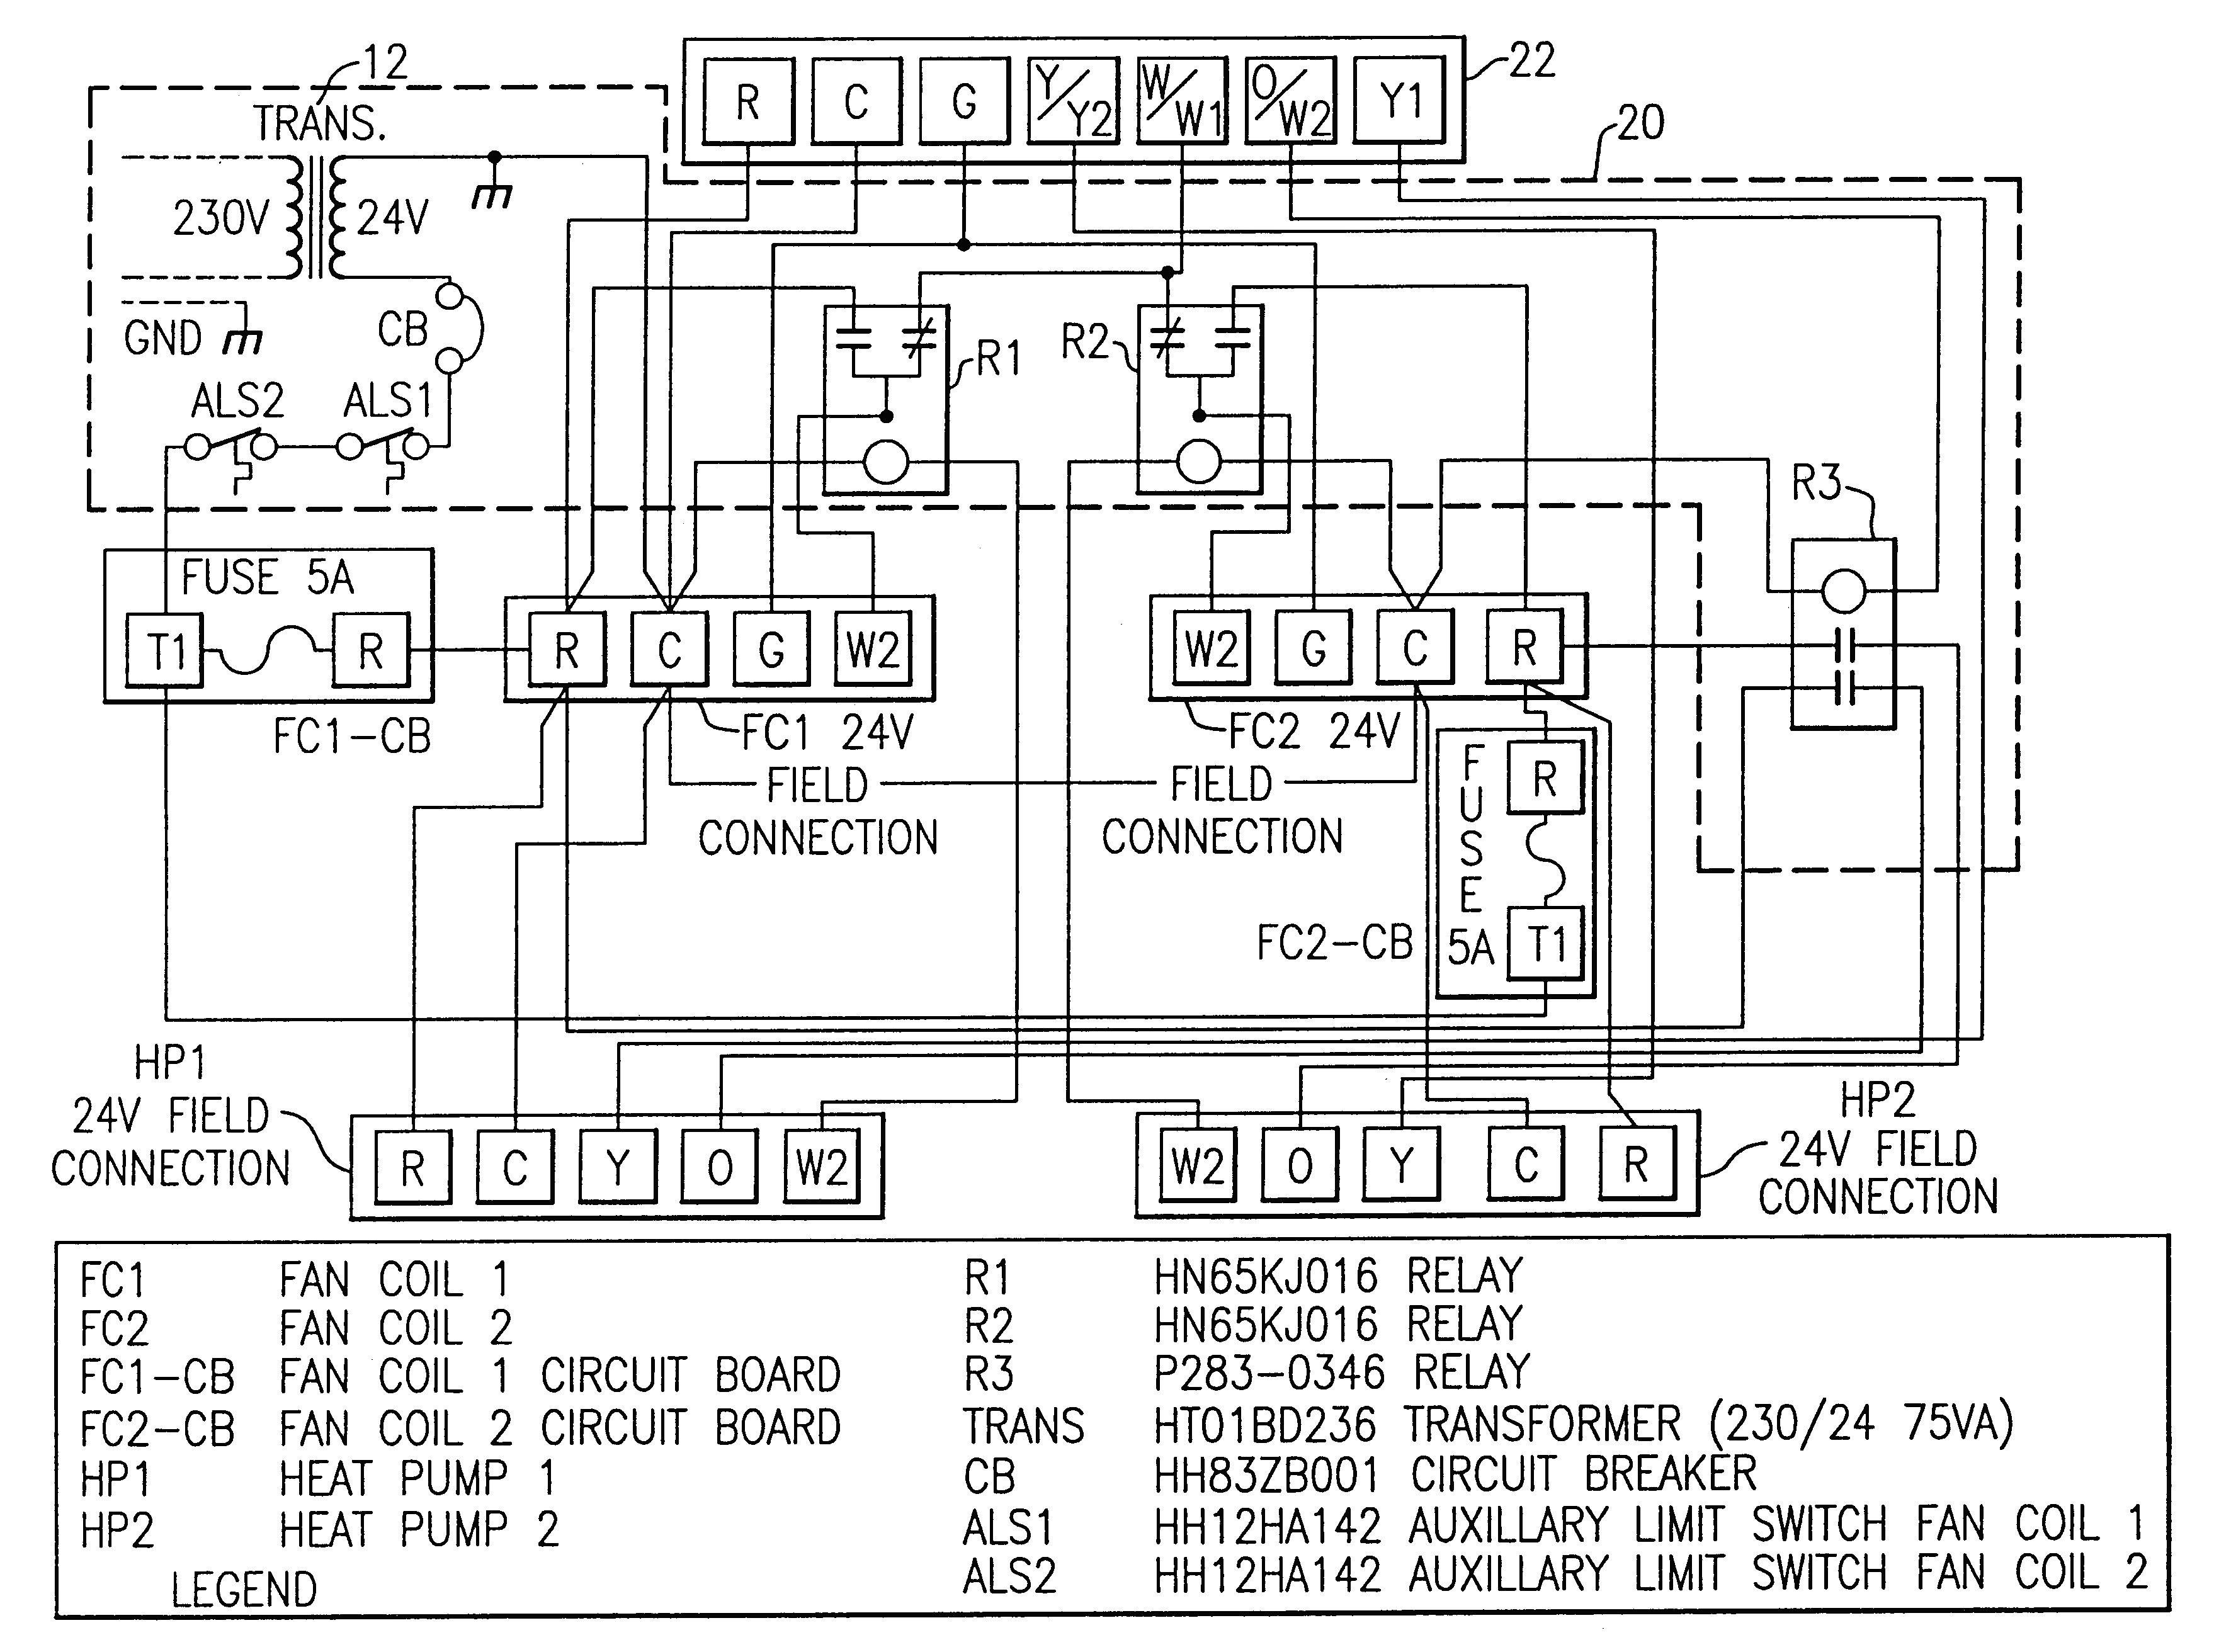 Awesome Ge Ecm X13 Motor Wiring Diagram | Wiring Diagram Image on